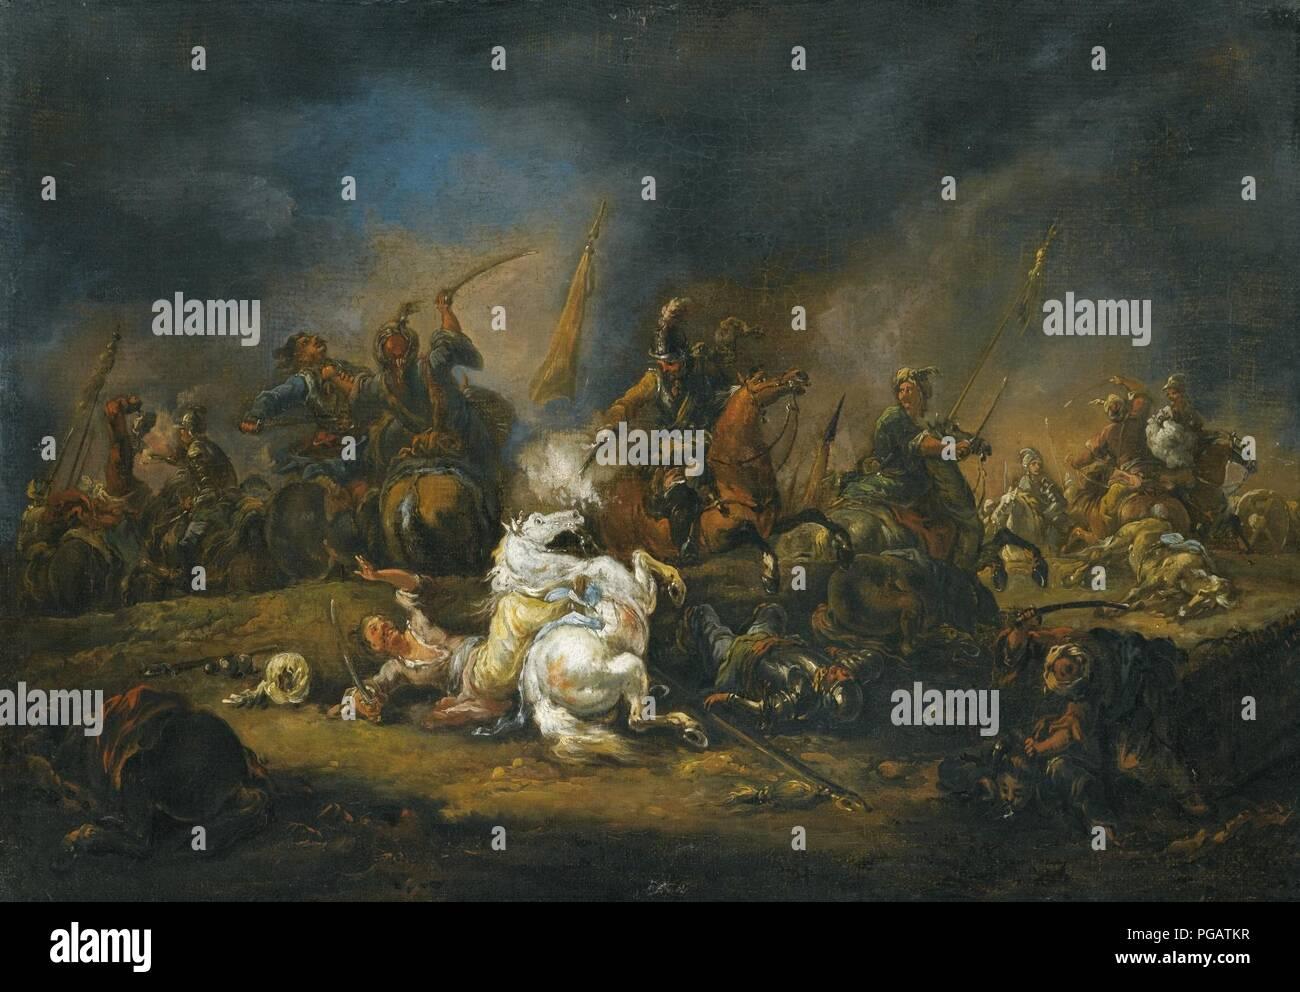 August Querfurt - Kavallerie-Gefecht zwischen Türken und Christen (02). - Stock Image